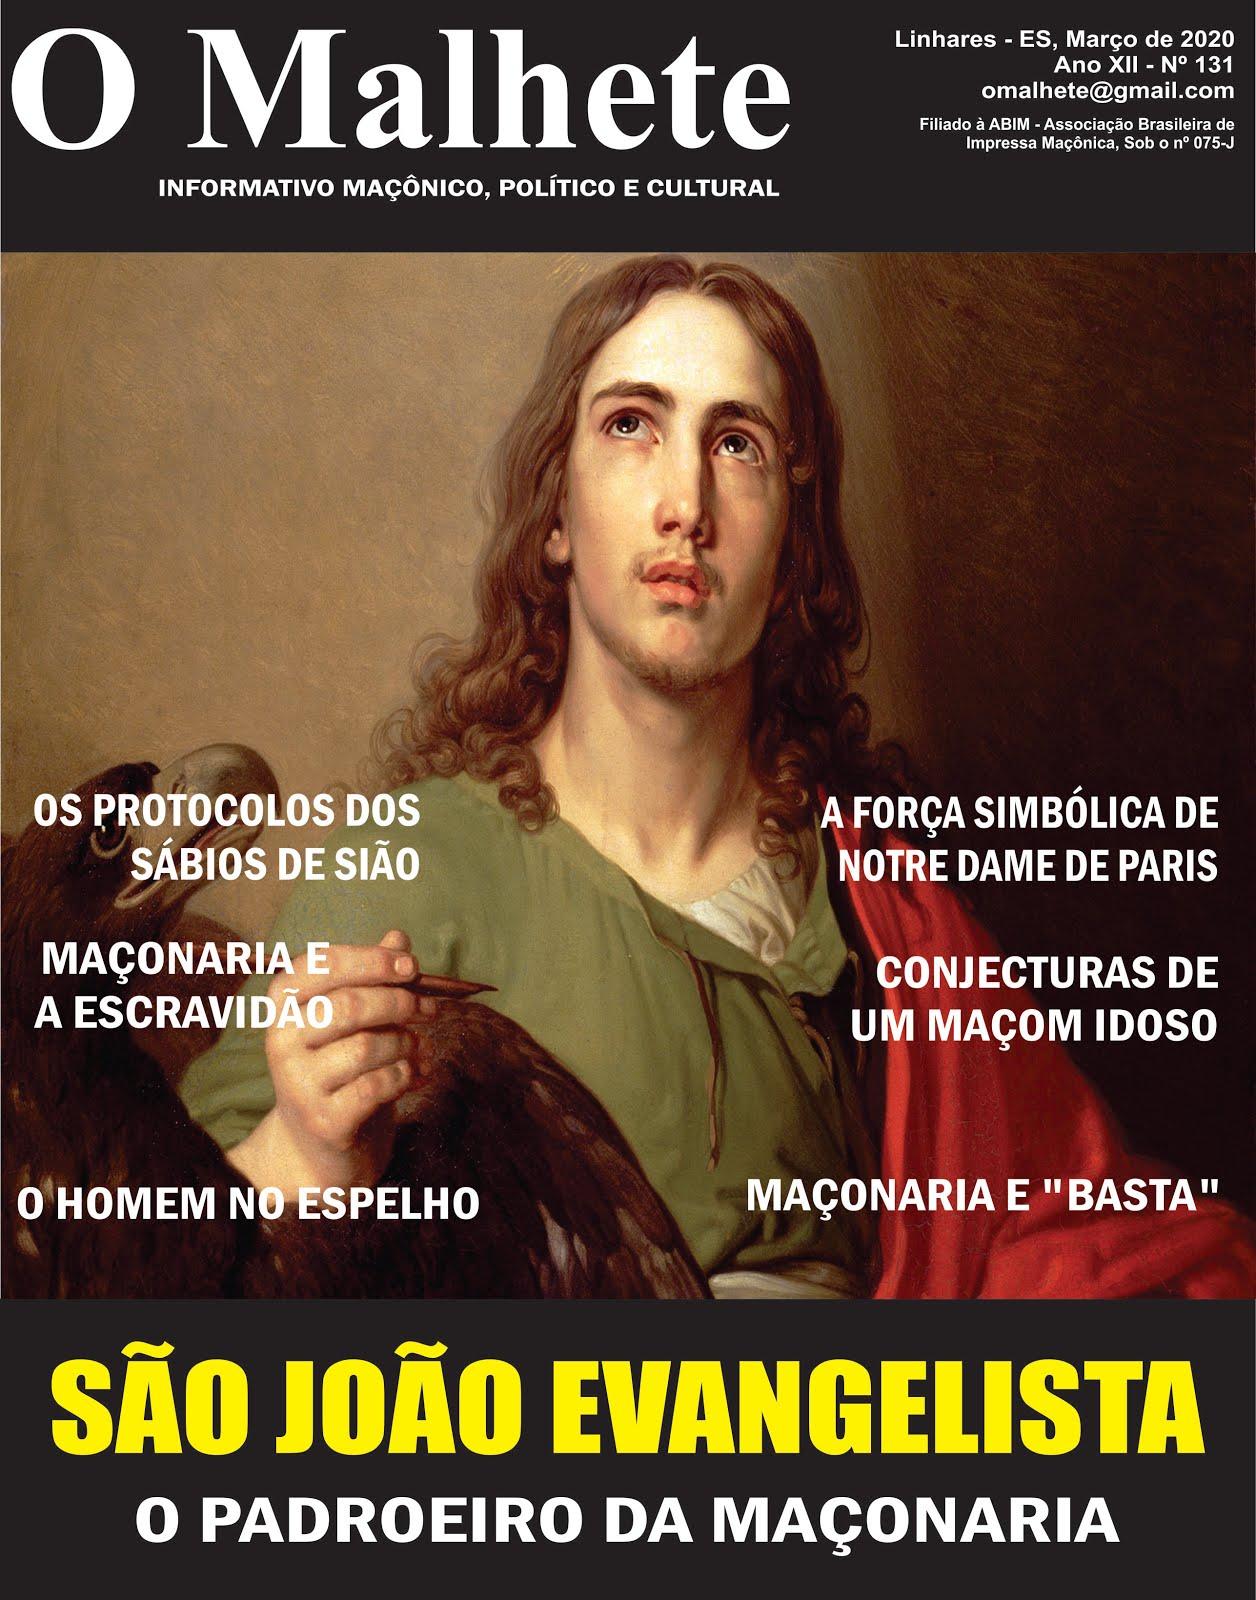 O MALHETE Nº 131 - MARÇO DE 2020